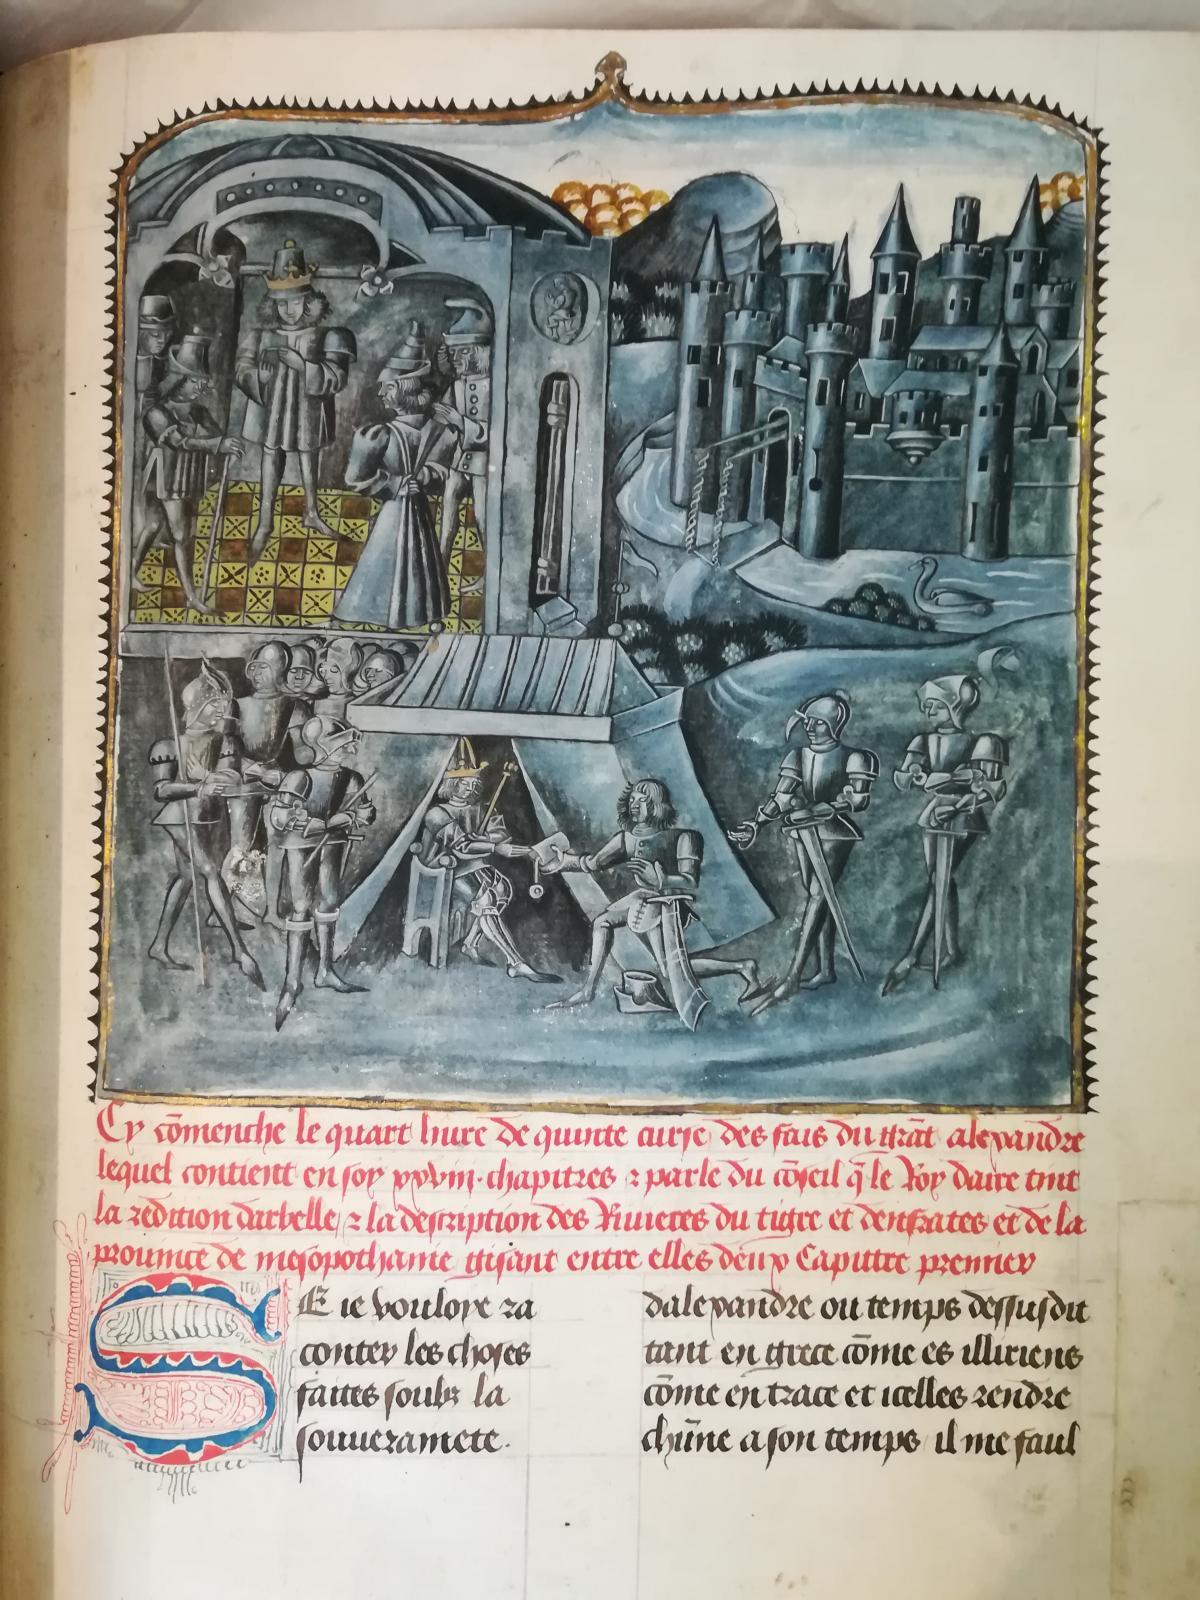 Quinte-Curce (Iersiècle apr. J.-C.), Faiz et Conquestes d'Alexandre, traduction de Vasque de Lucène. Manuscrit enluminé sur papier et parchemin, 16 g